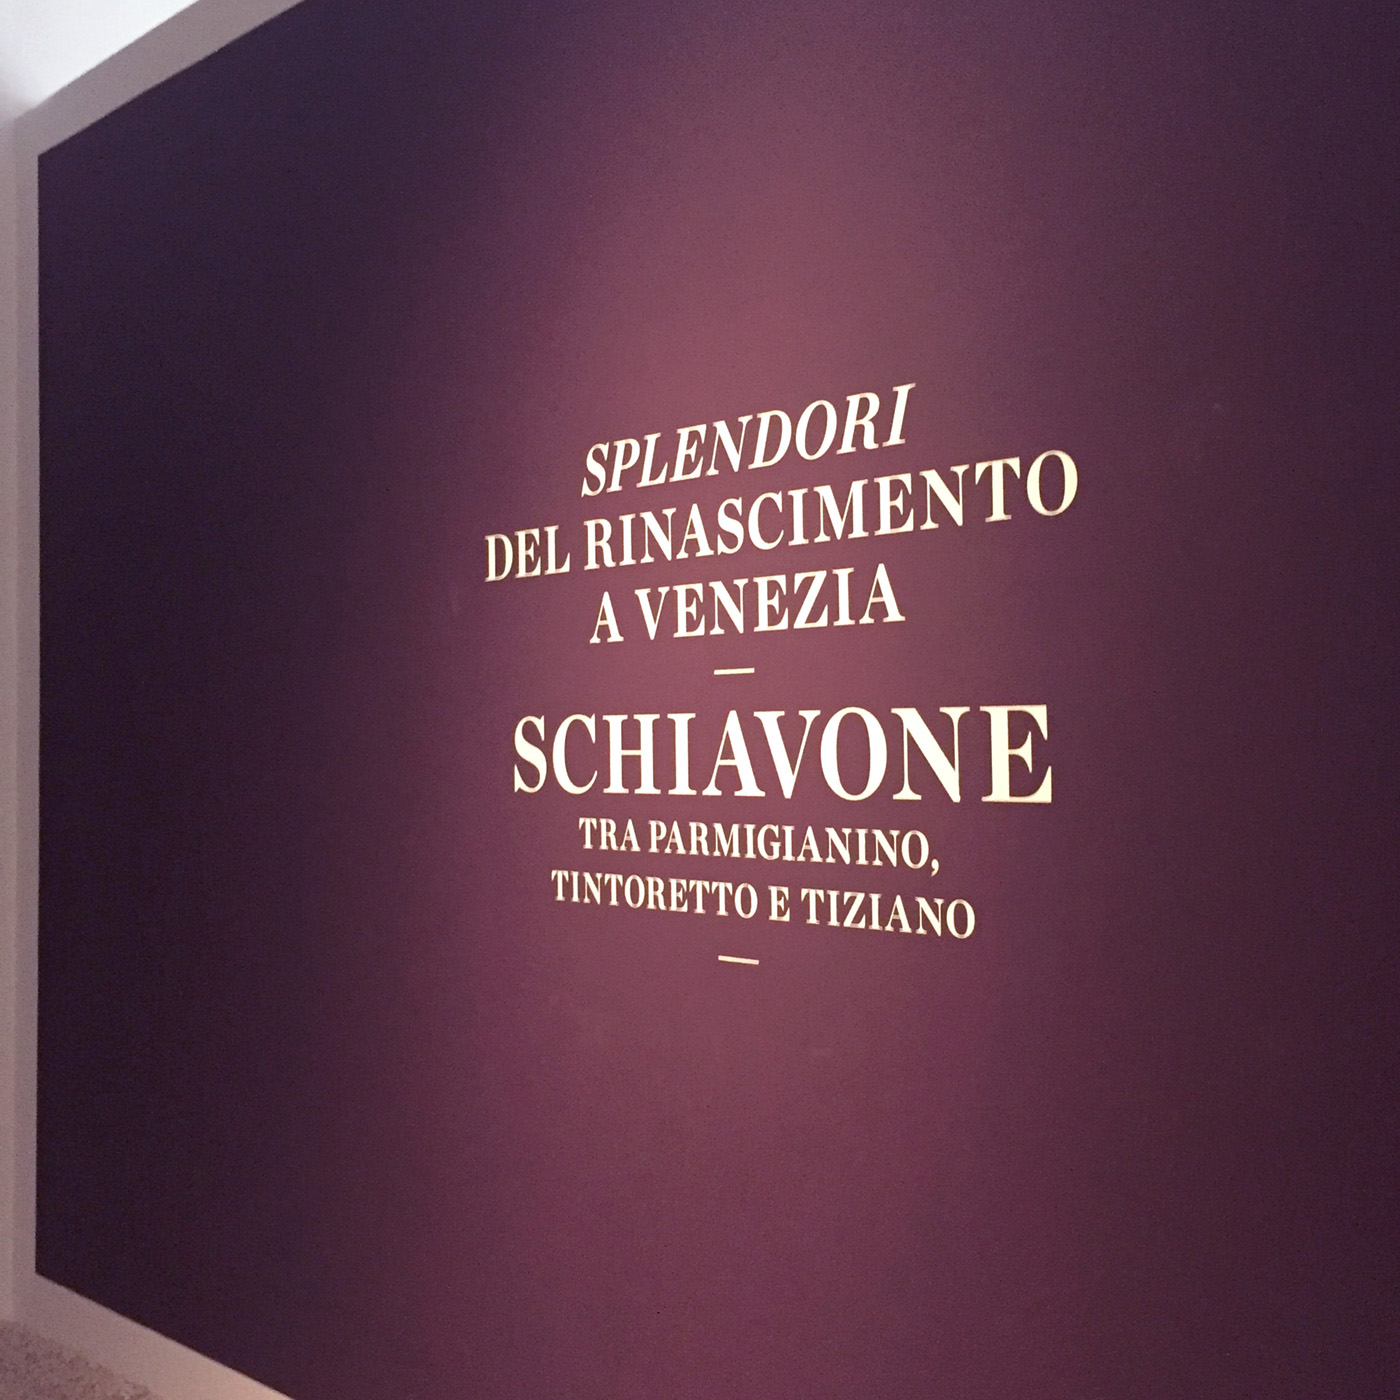 Splendoridel-Rinascimento-VenezianoSchiavone-tra-ParmigianinoTintoretto-e-Tiziano-005